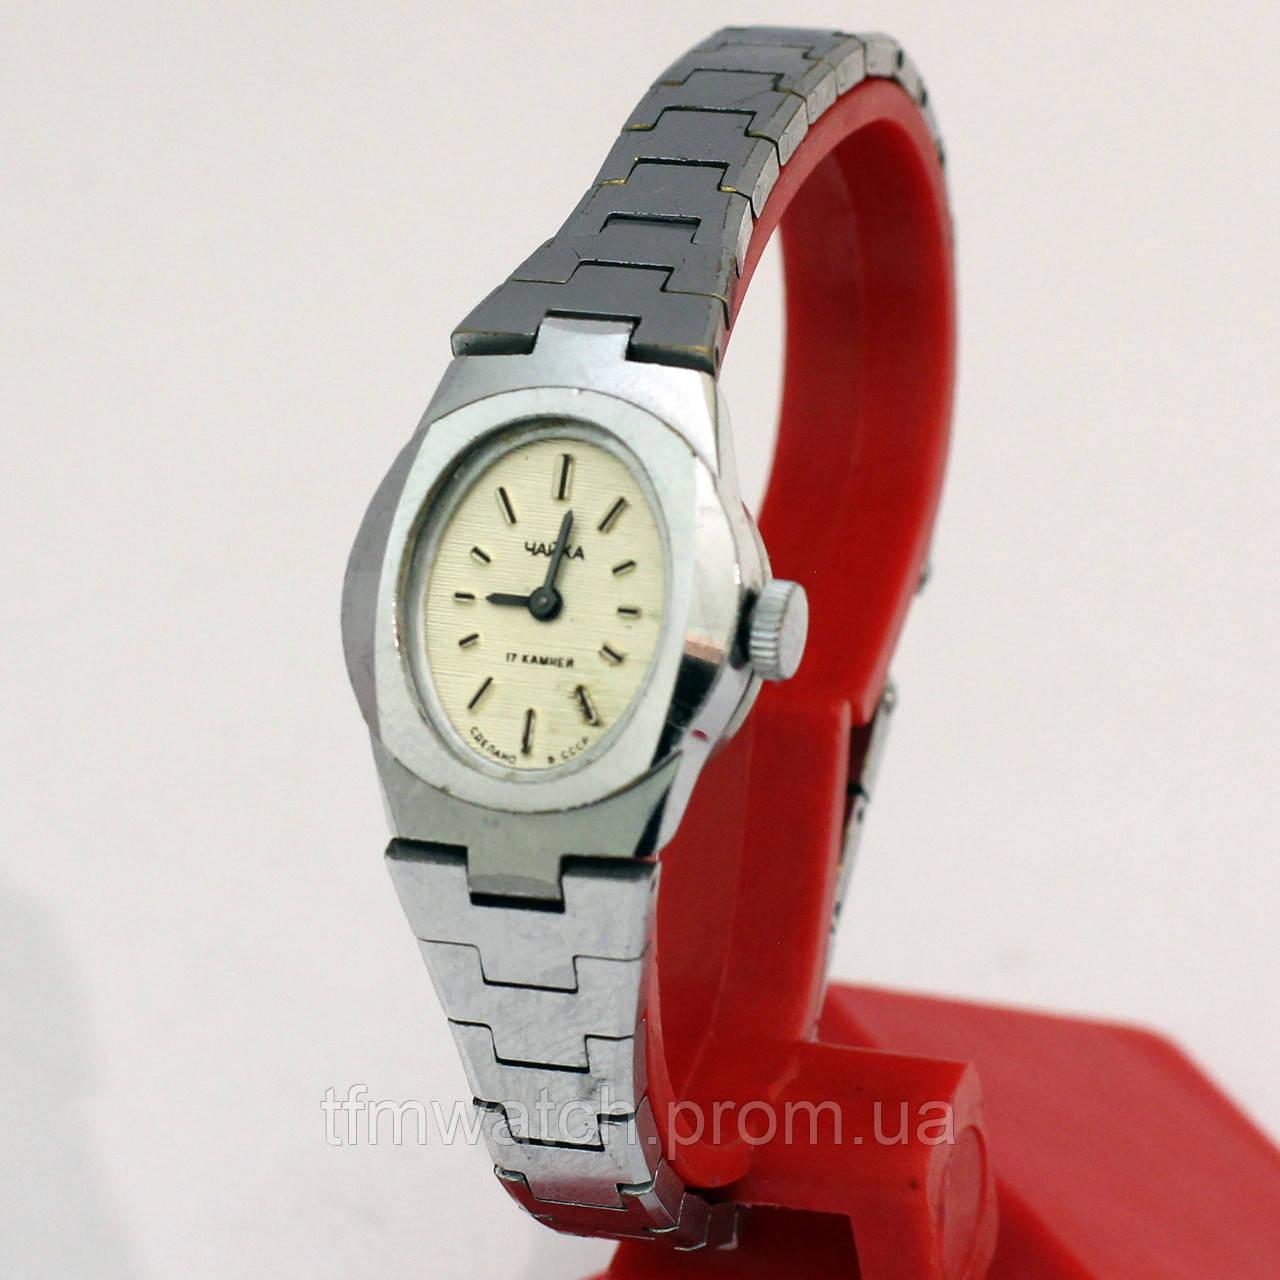 Женские часы Чайка сделано в СССР